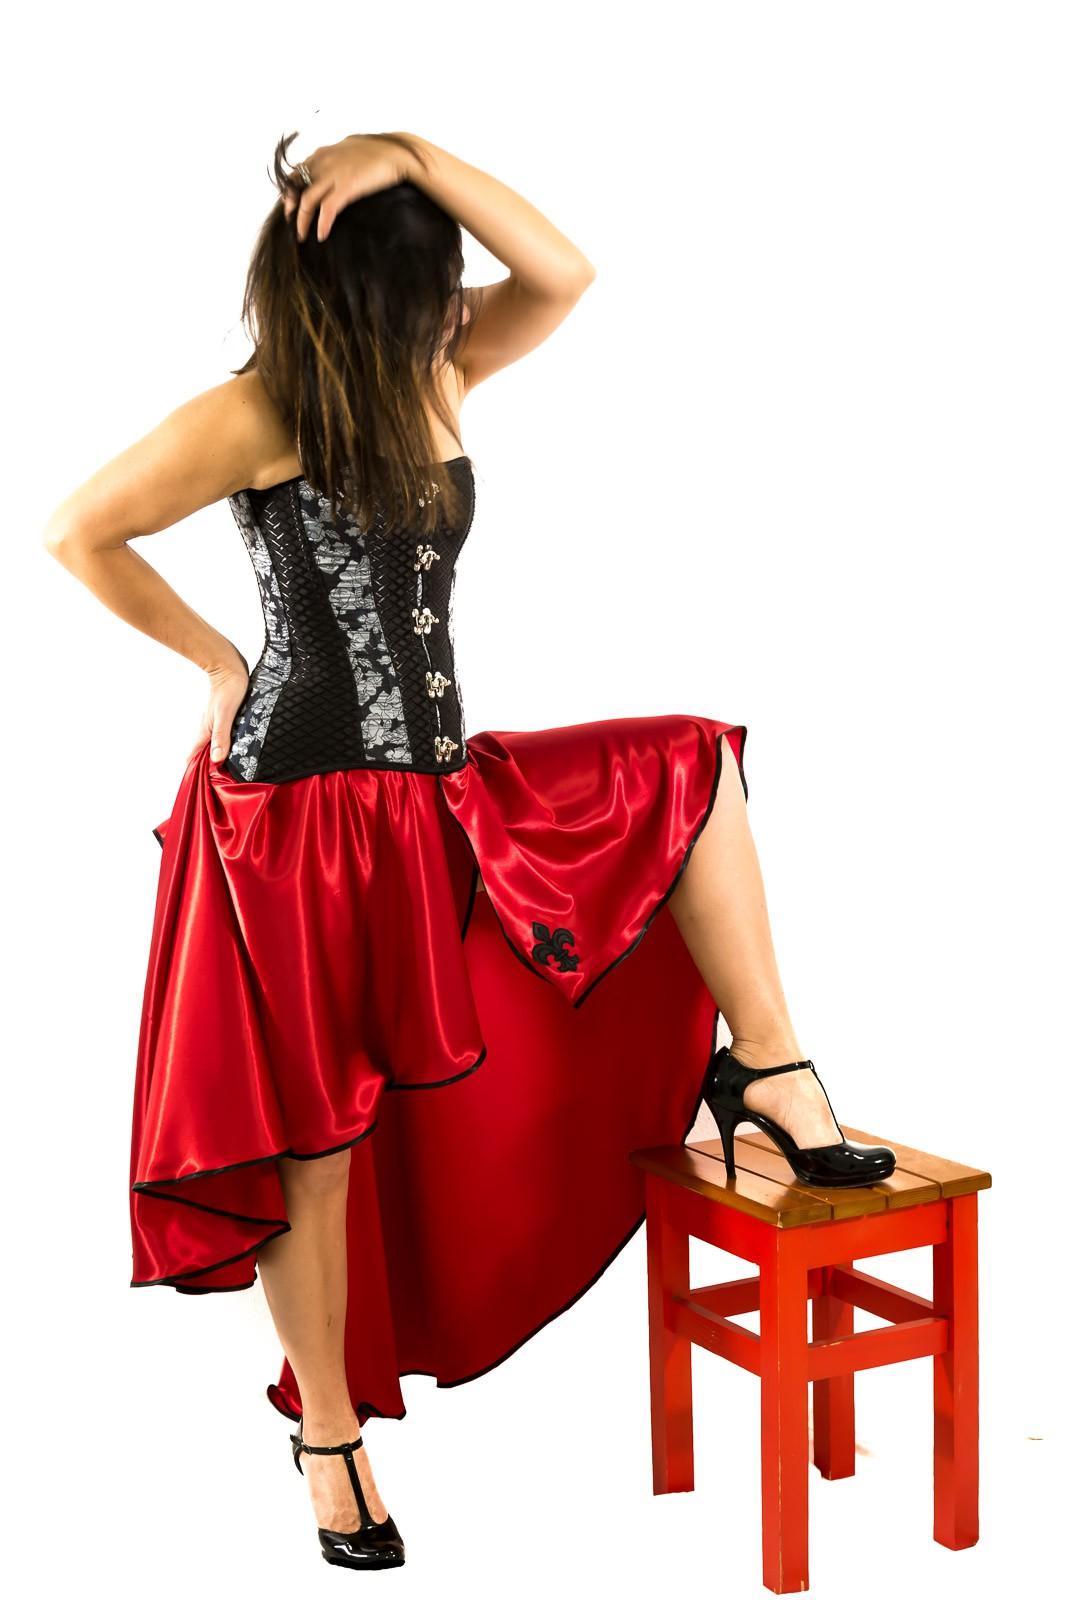 eea243c5892c Rock der O, sexy Röcke von SiaLinda